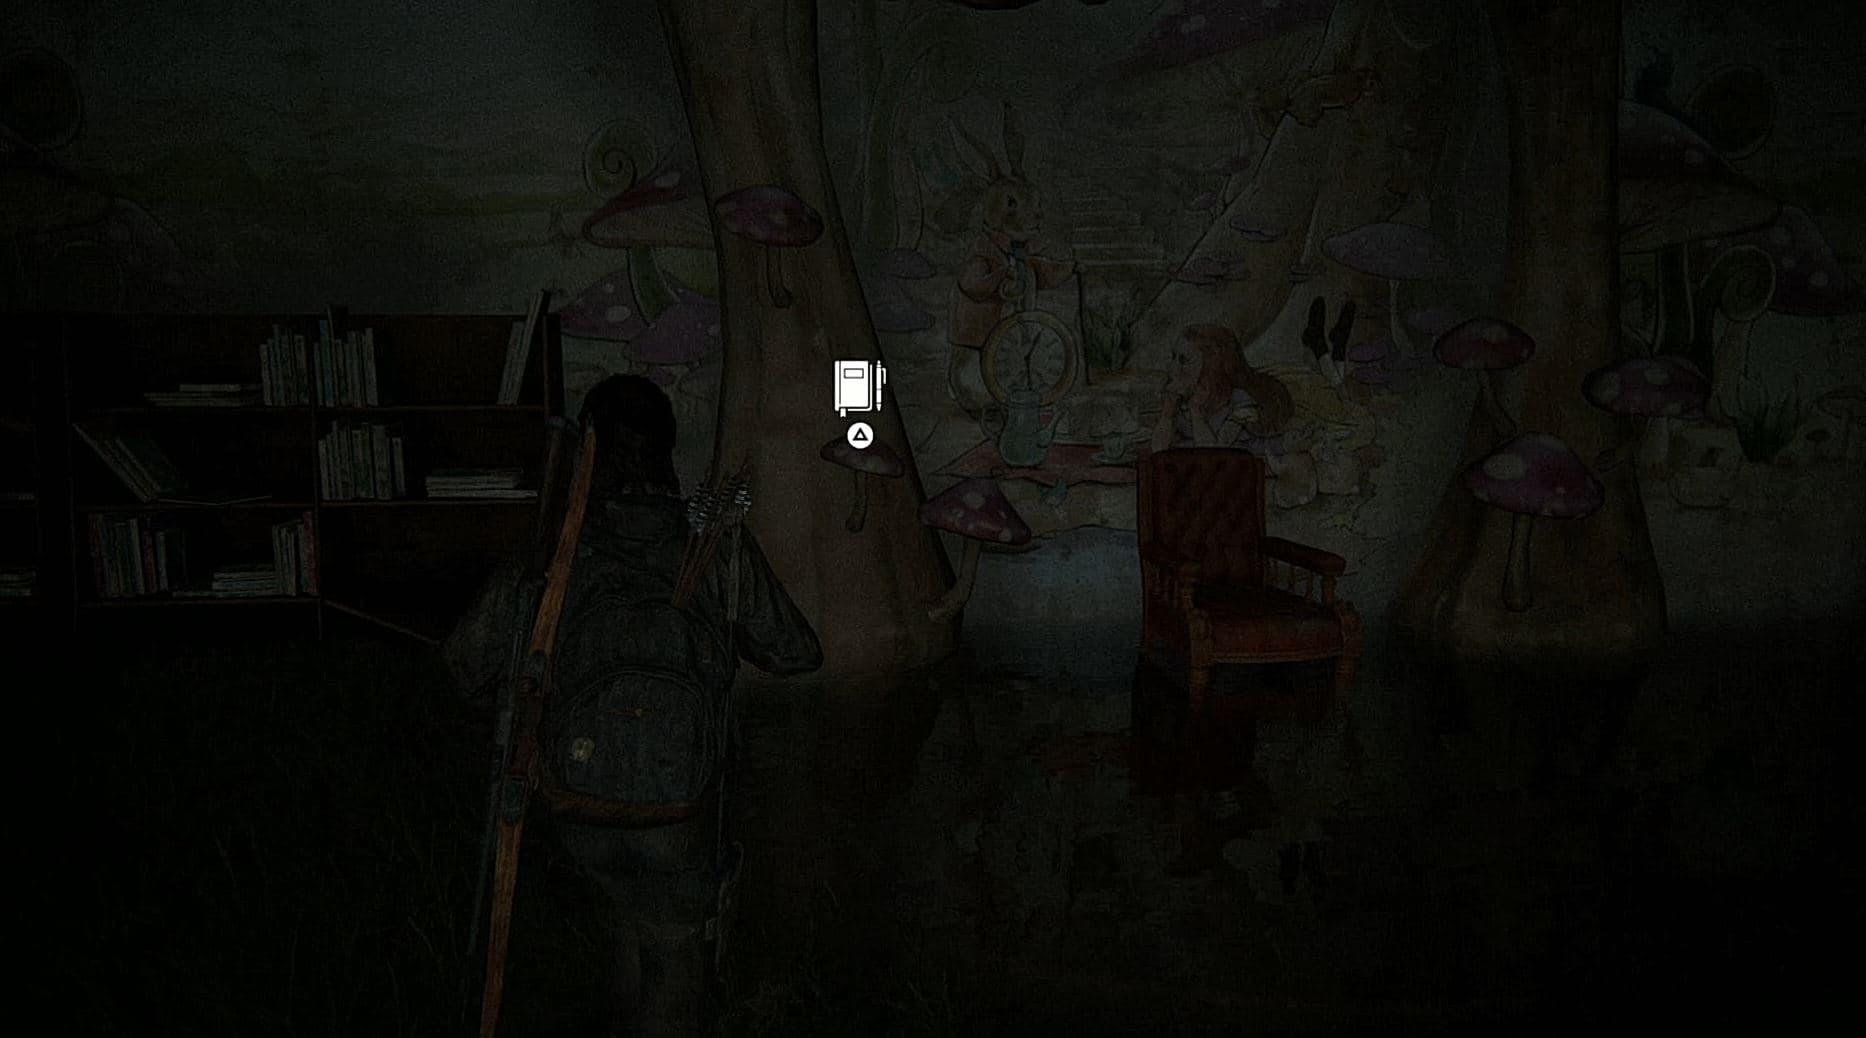 the last of us part 2 journal entry locations 21 - The Last of Us Parte 2 - Guida alla posizione di tutte le voci del diario